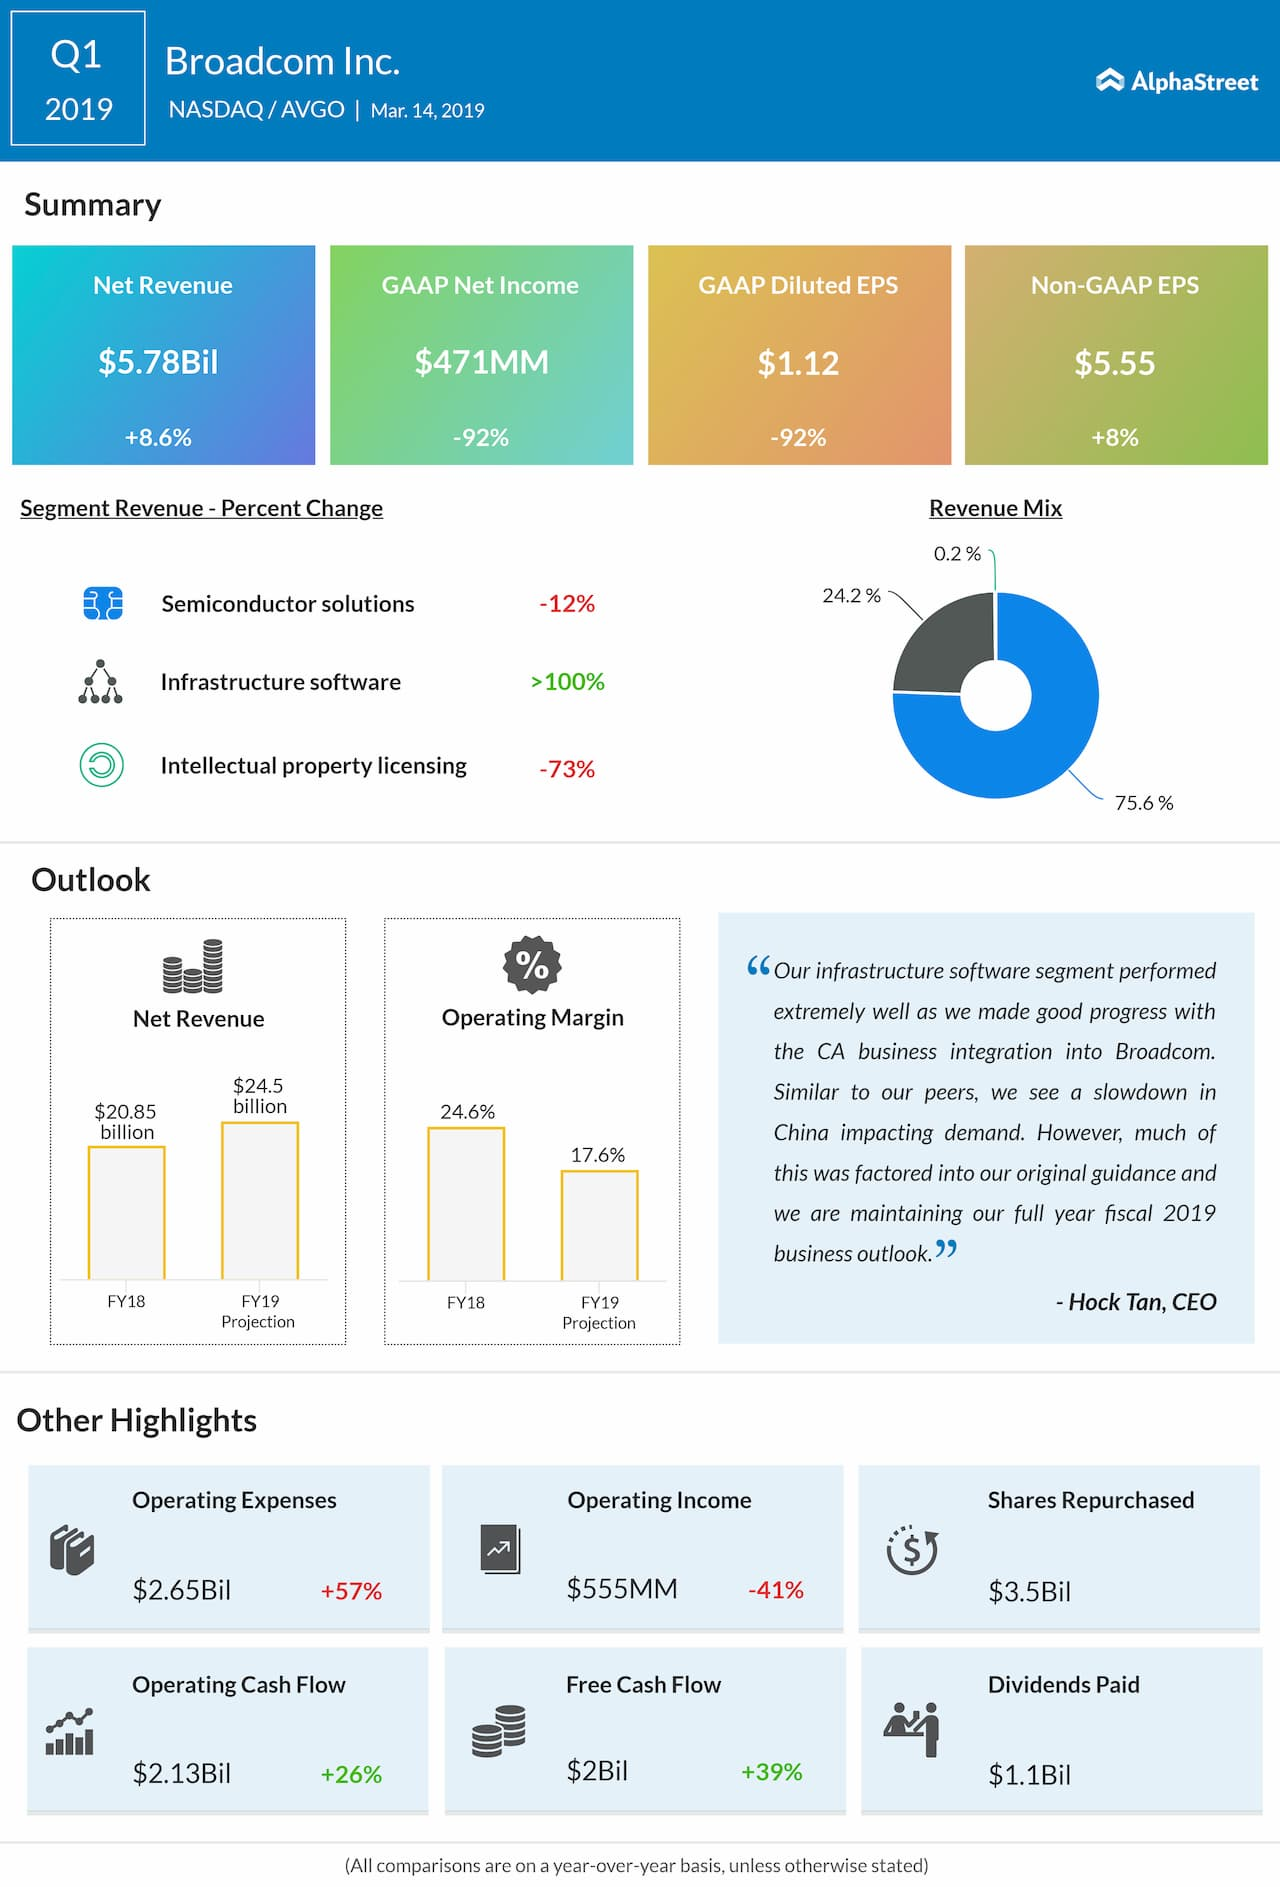 Broadcom (AVGO) Q2 2019 earnings preview | AlphaStreet